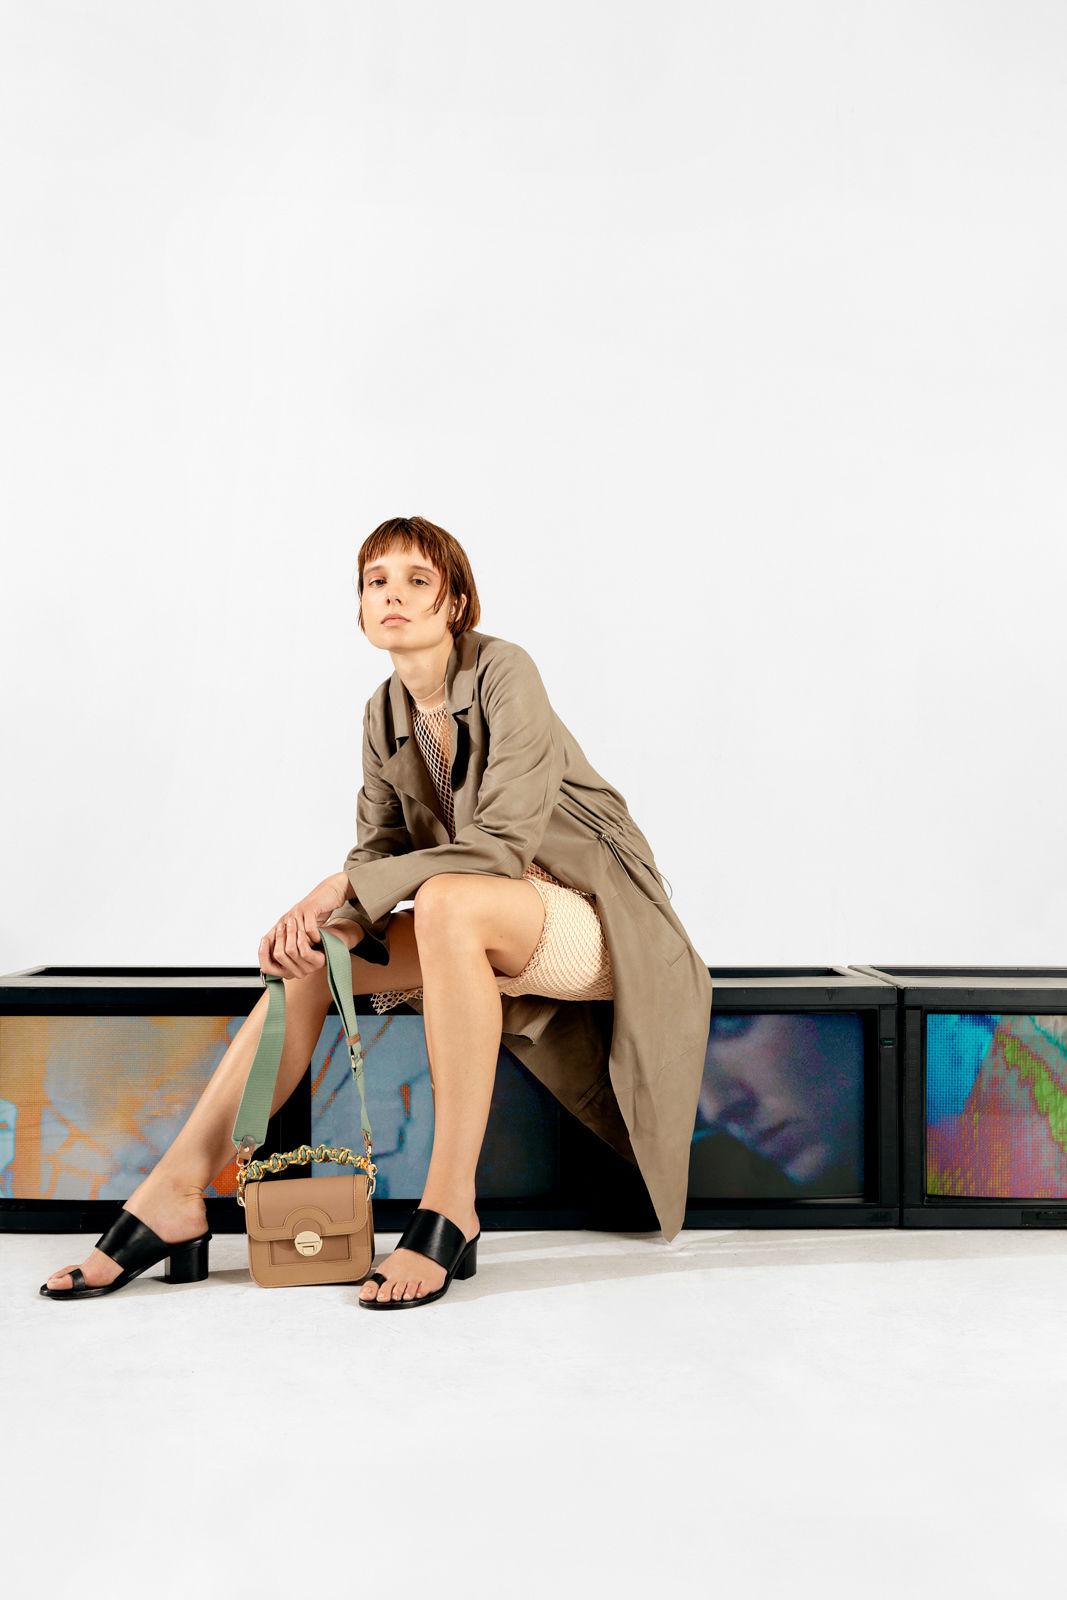 Nina Raasch shoots the LIEBESKIND BERLIN SPRING 2019 lookbook // COLLECTIVEINTEREST ARTIST MANAGEMENT